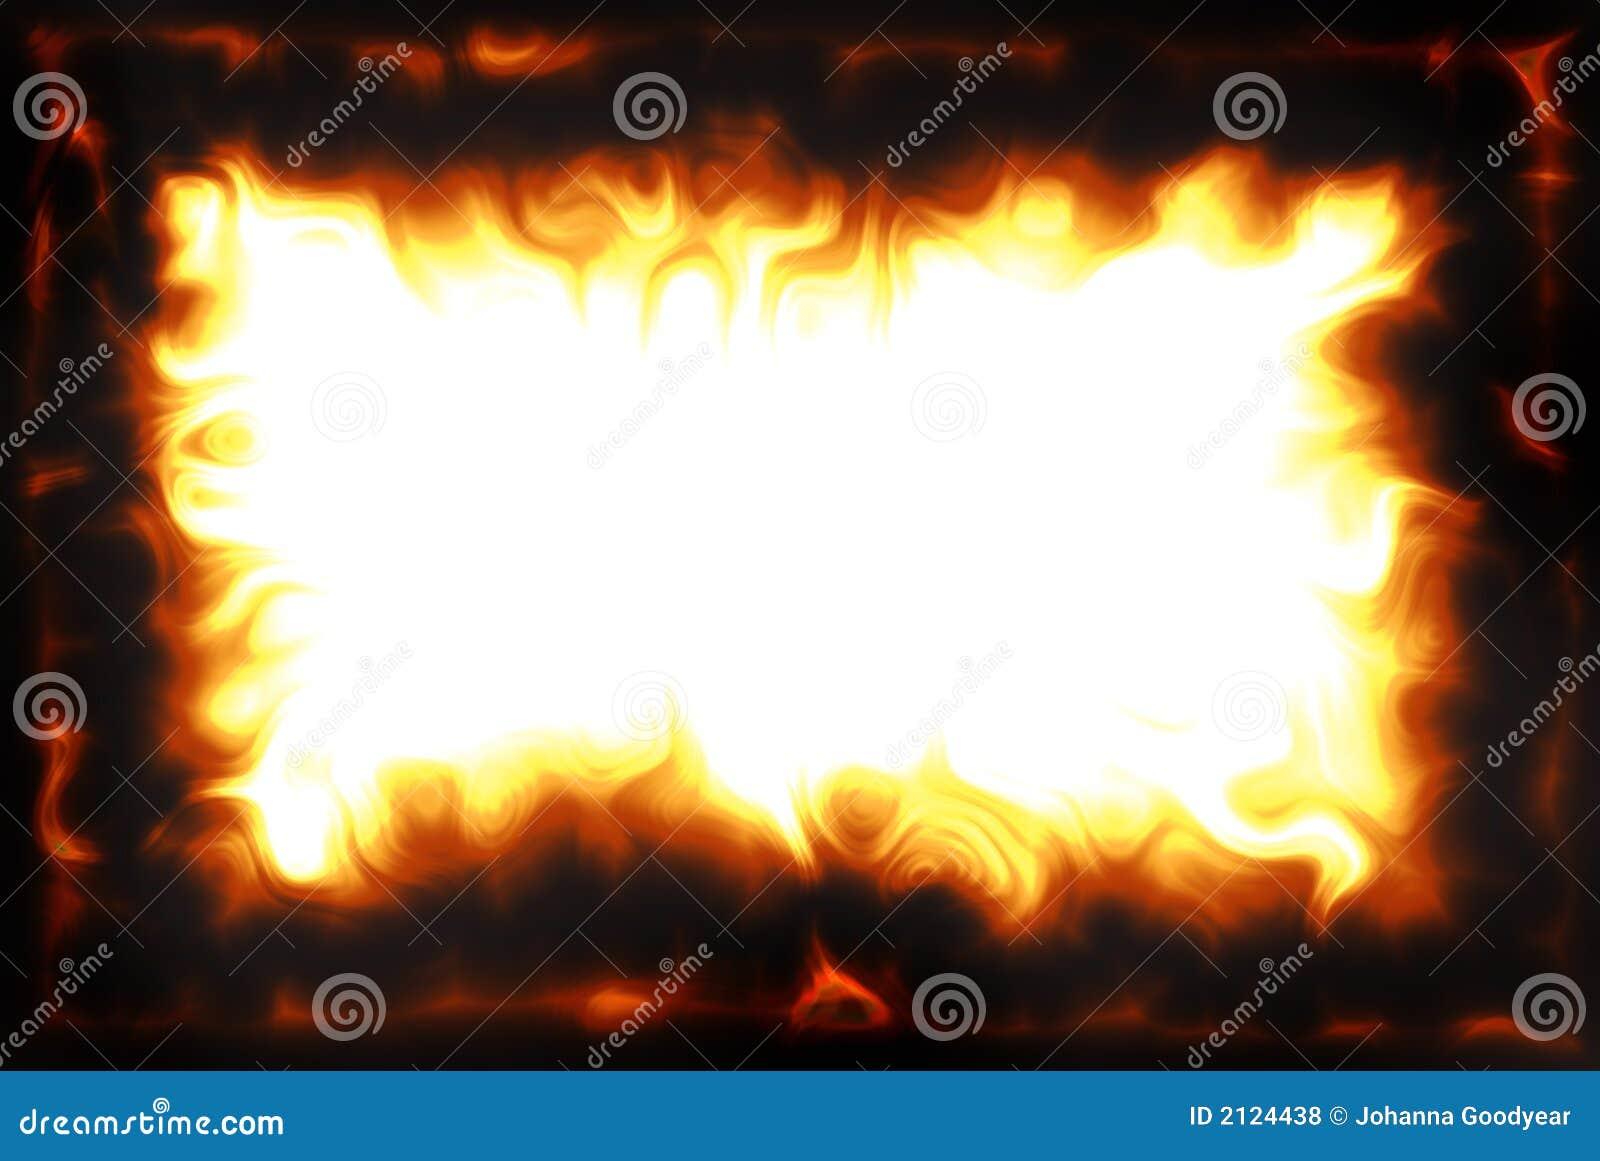 Frontera de la llama